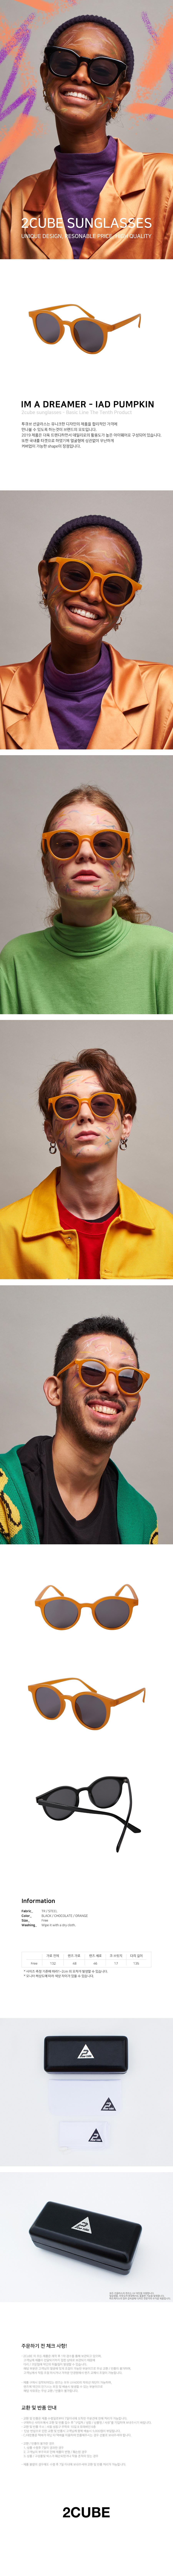 투큐브(2CUBE) IAD PUMPKIN 선글라스 (오렌지)